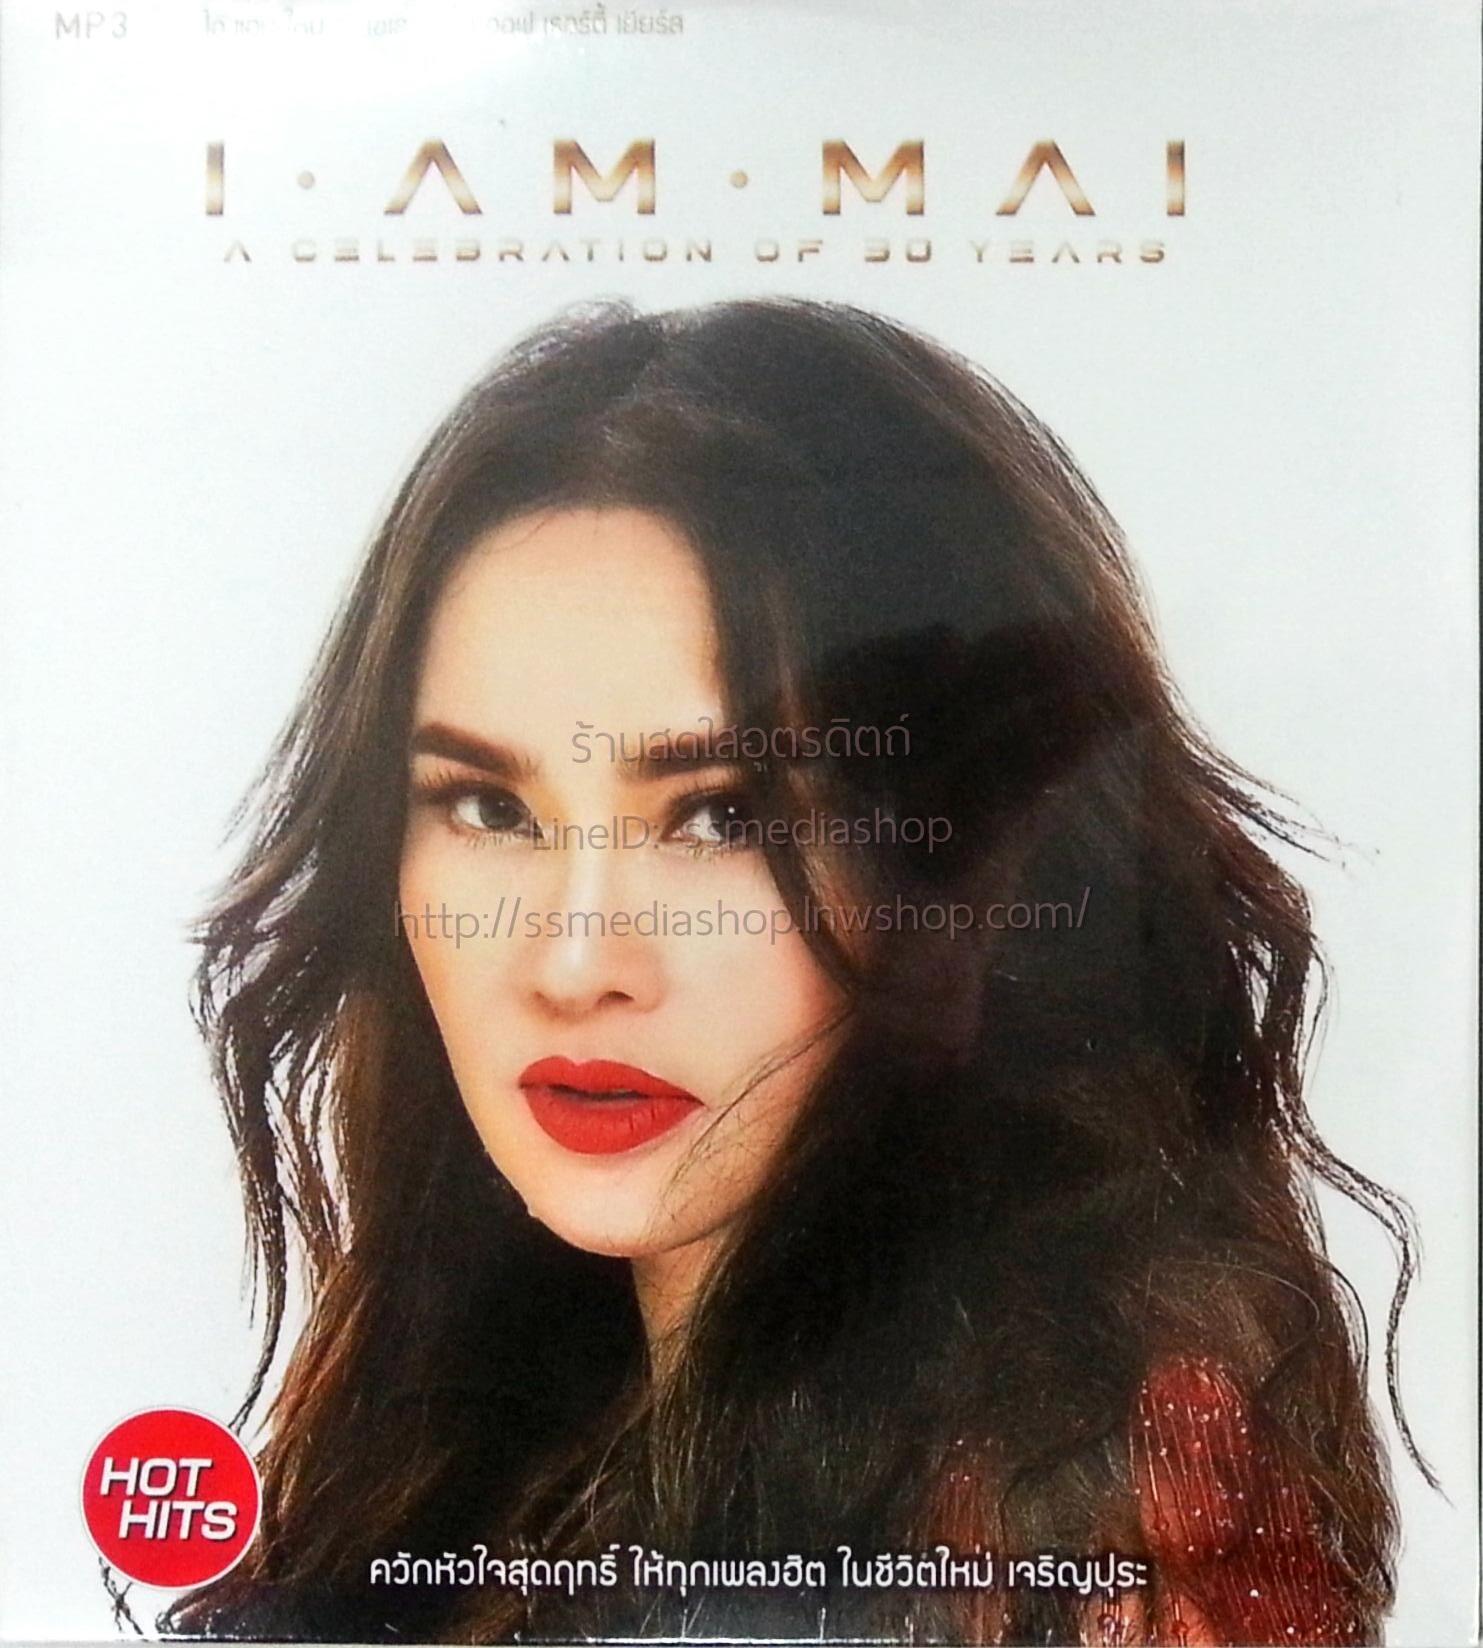 MP3 ใหม่ เจริญปุระ I am Mai